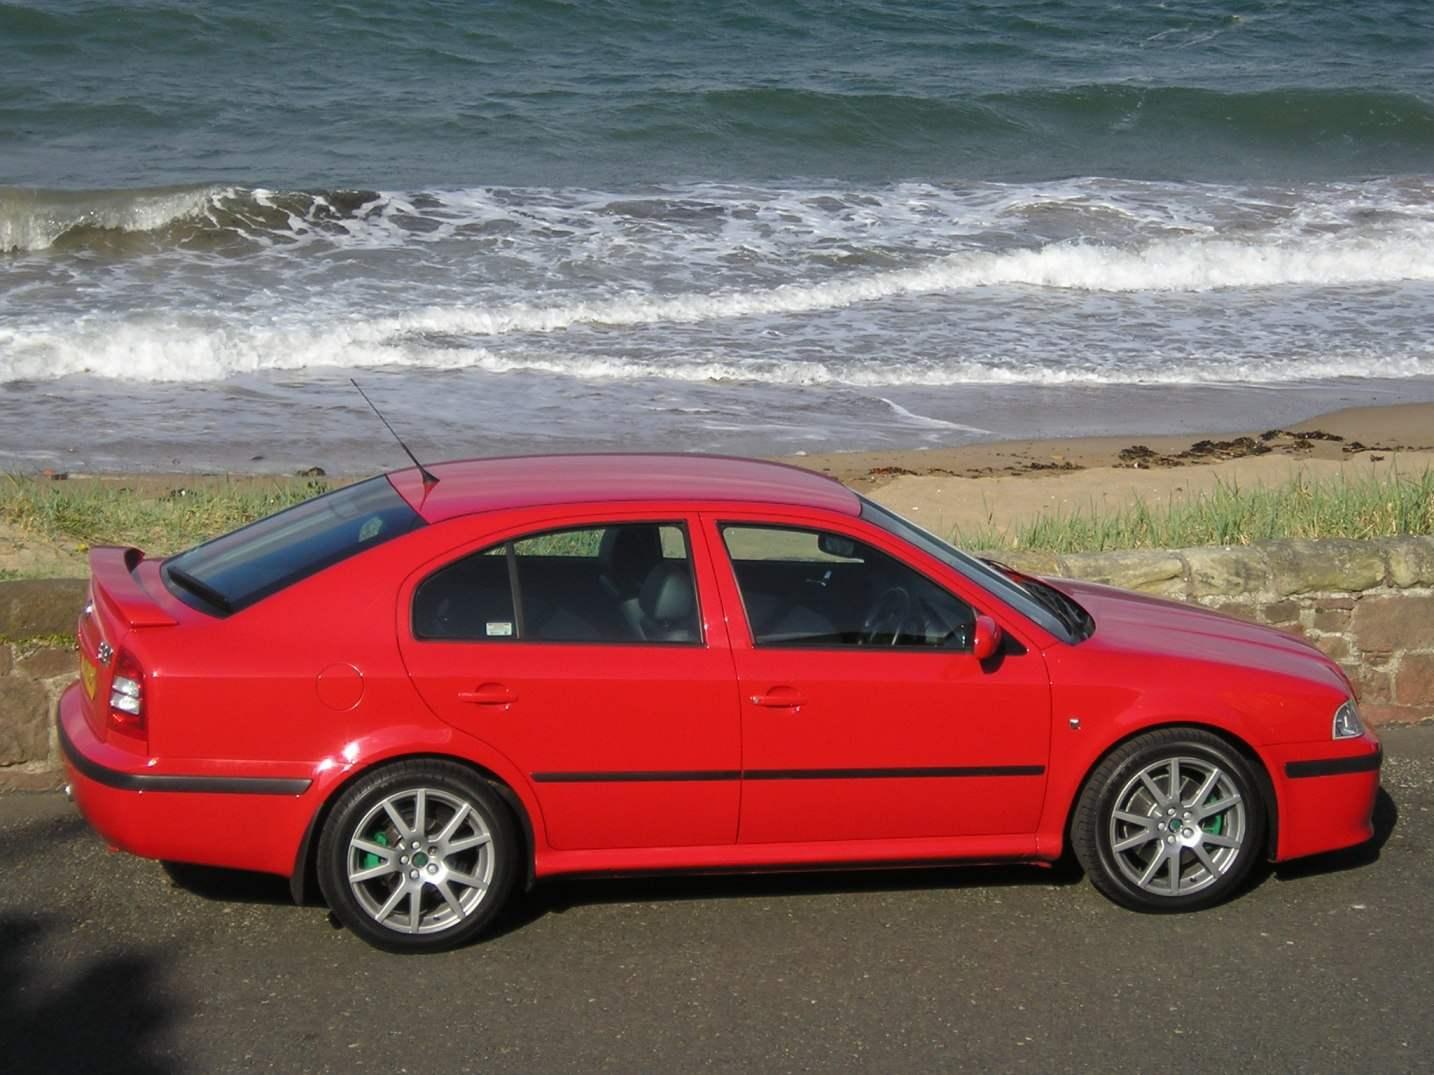 SKODA OCTAVIA выпуска 1997 года — первый автомобиль фирмы, созданный по немецкой технологии на платформе автомобиля VOLKSWAGEN GOLF IV